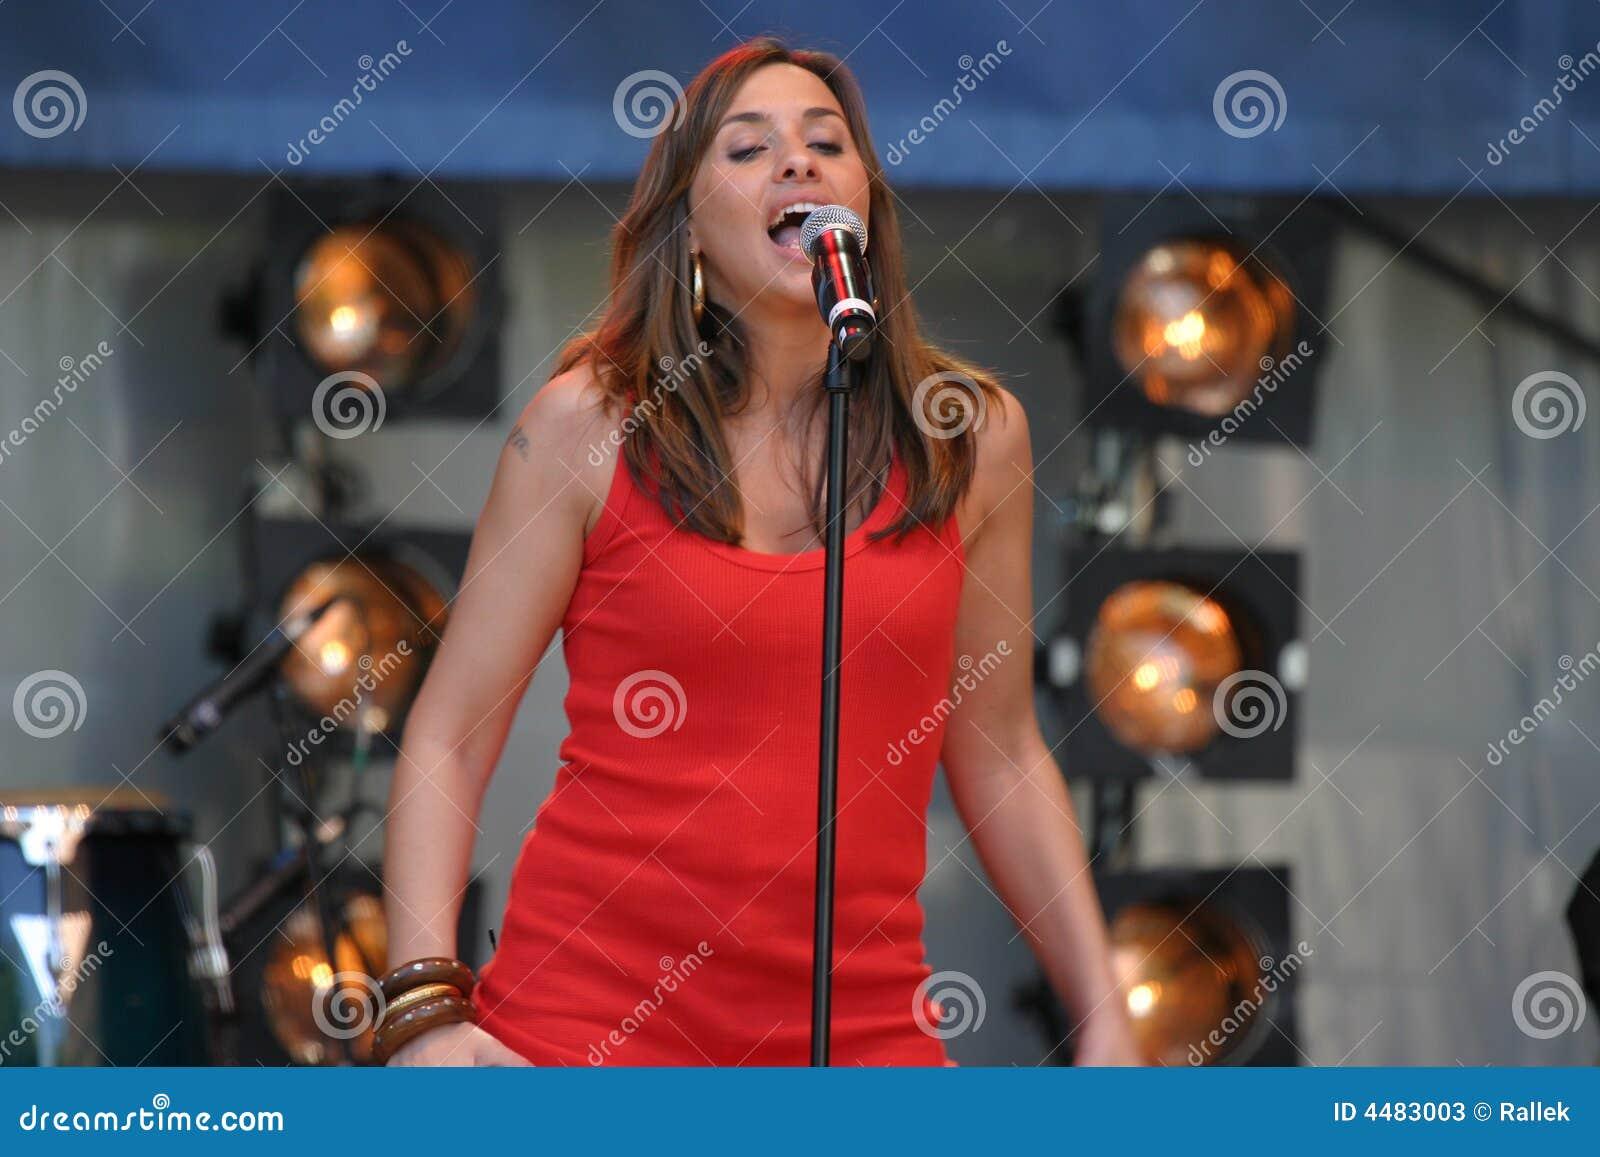 Regina Carrol Regina Carrol new images